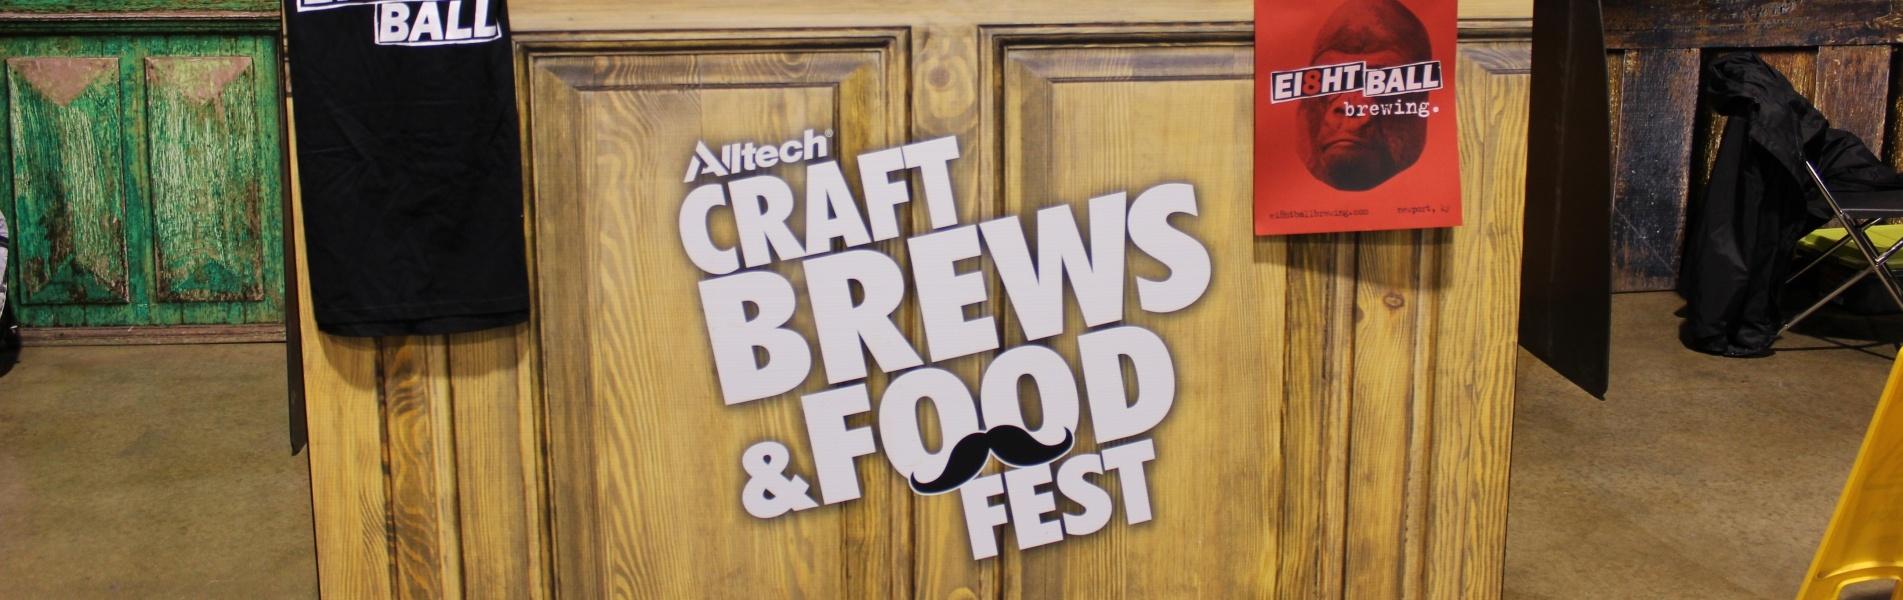 Craft Brews & Food Fest de Alltech 2016